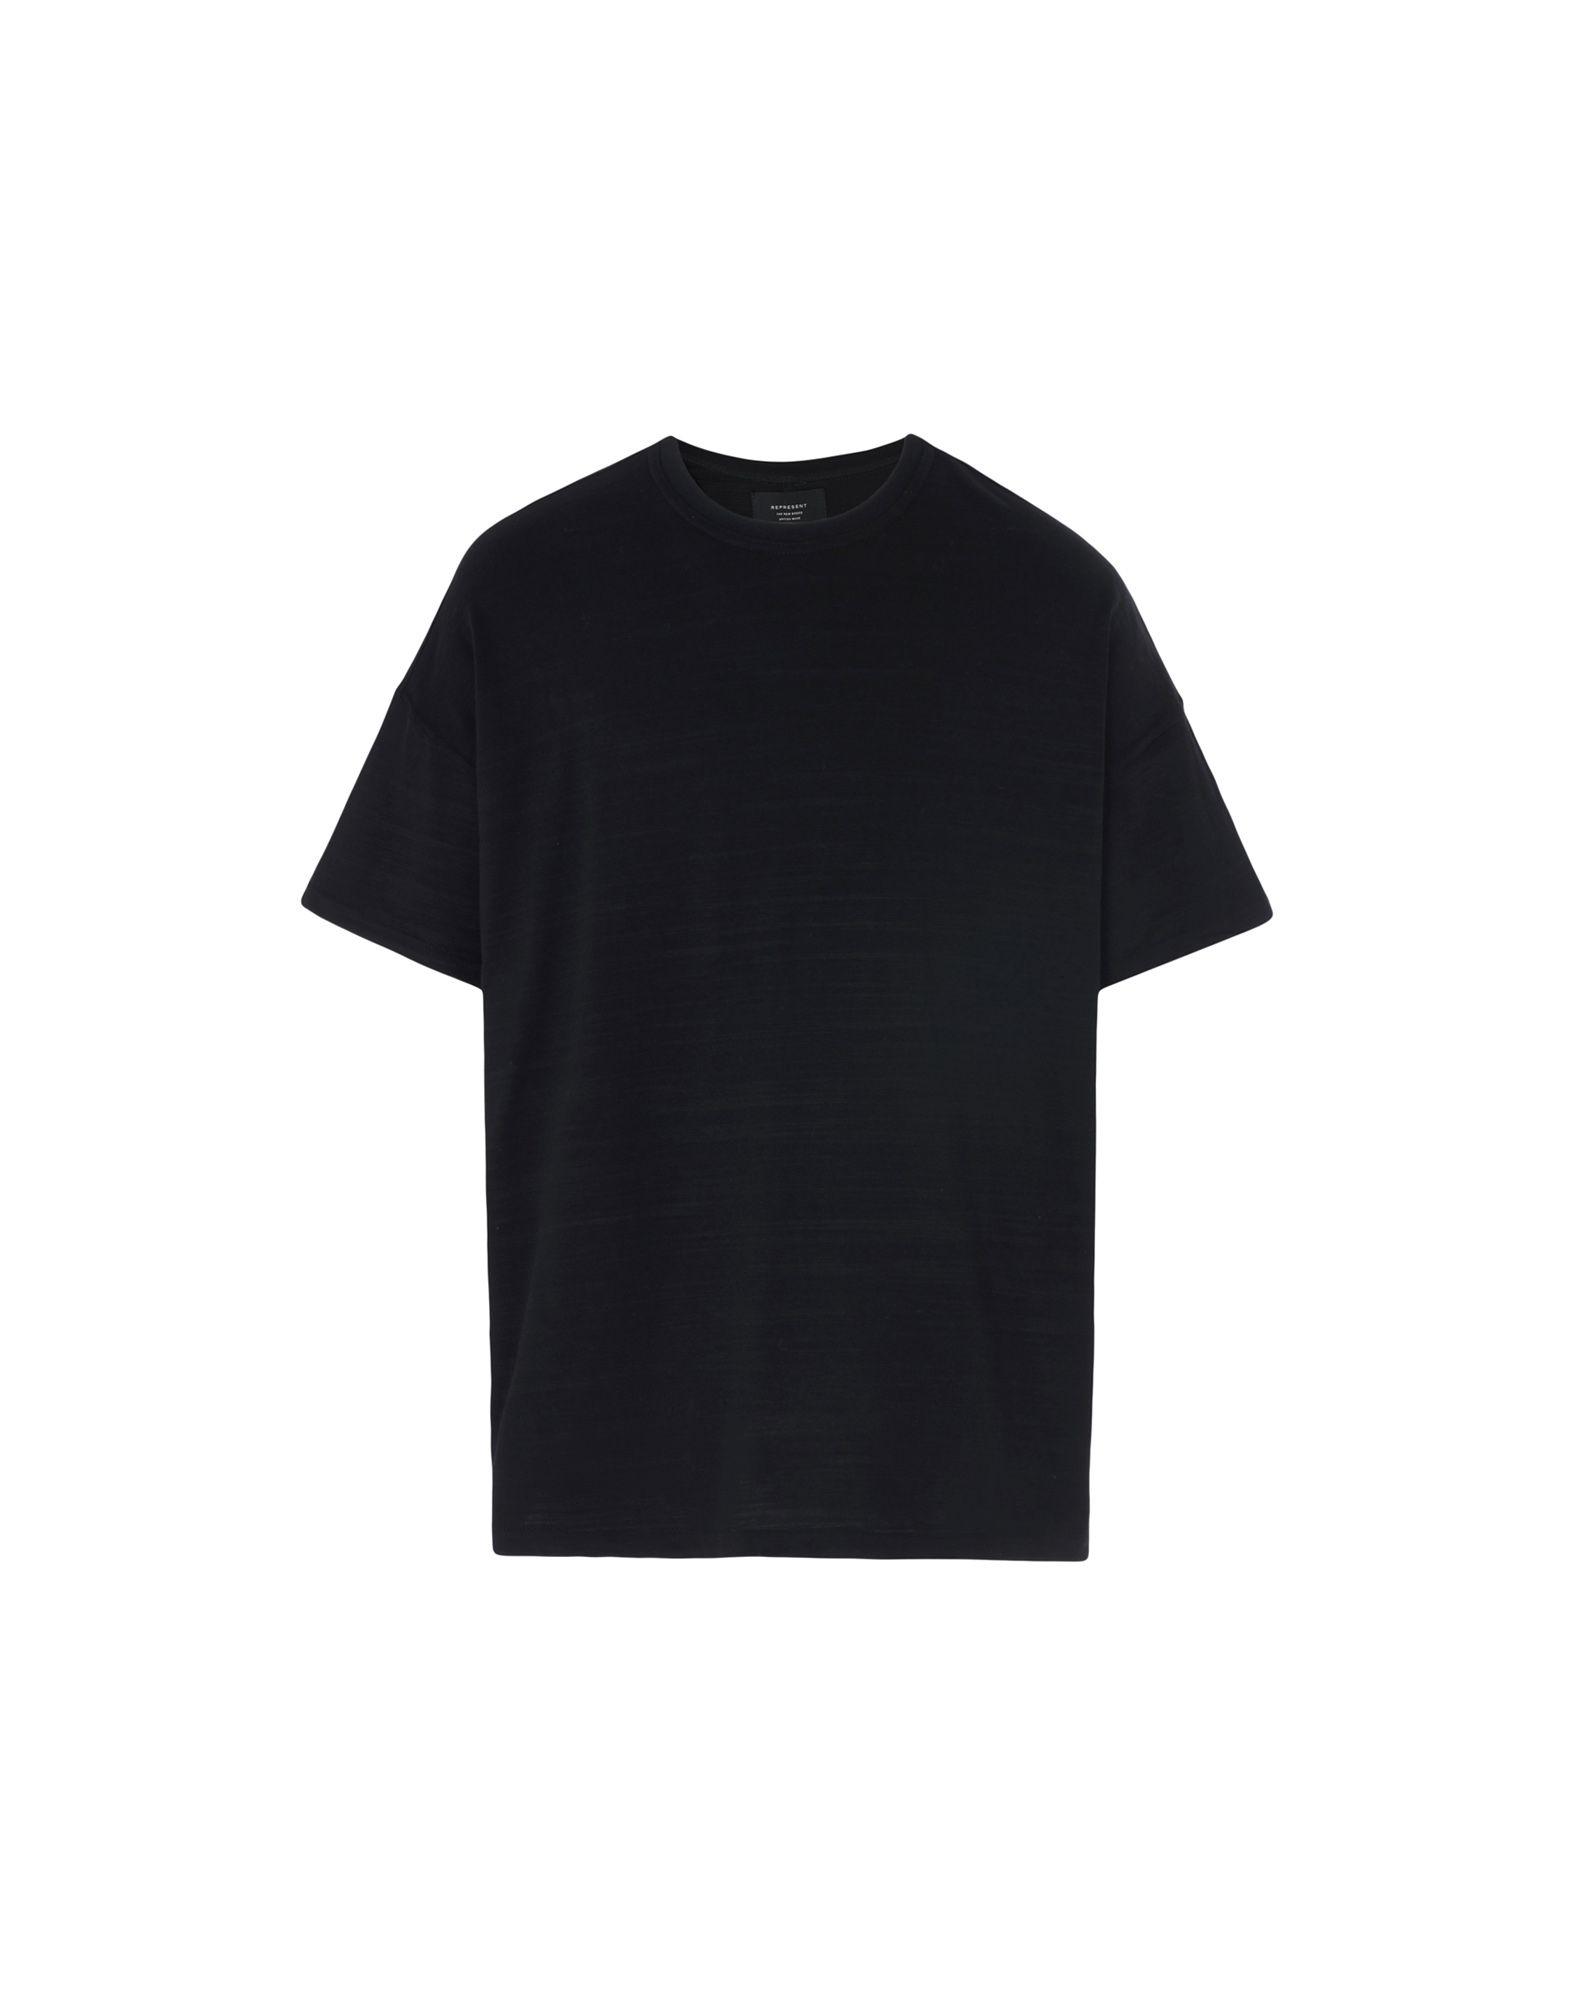 REPRESENT Printed Back T-Shirt in Black